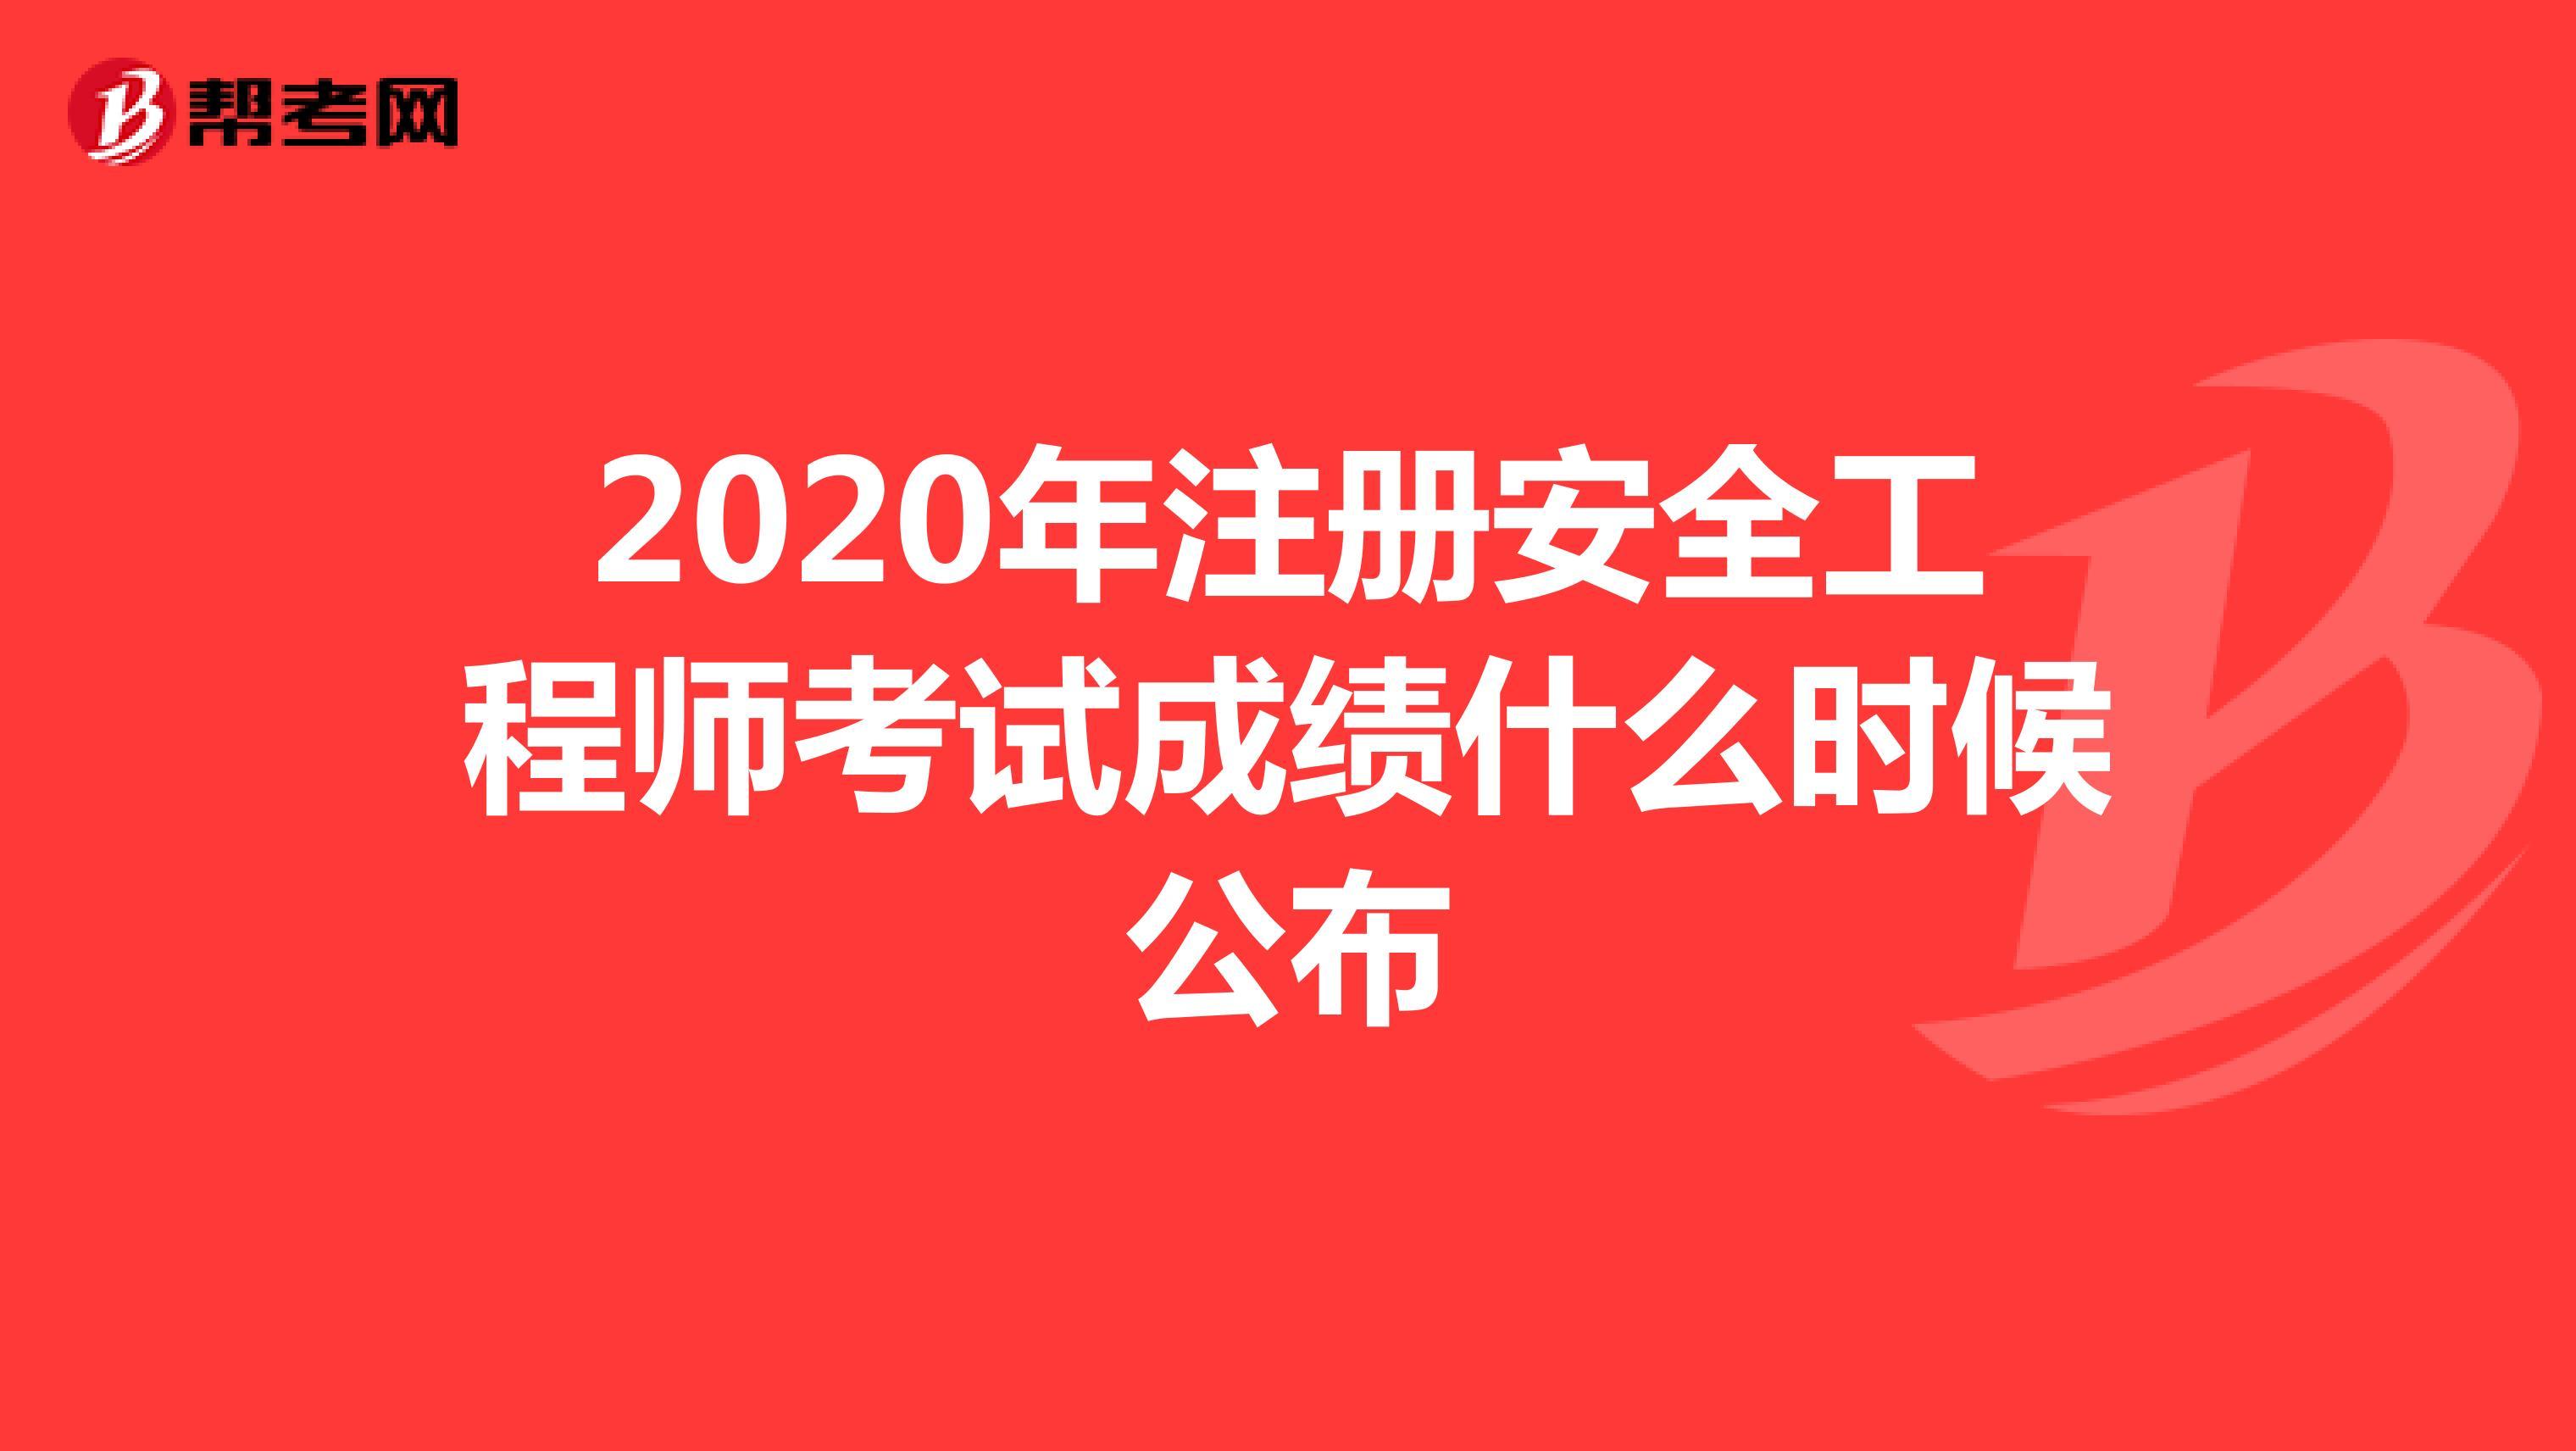 2020年注册安全工程师考试成绩什么时候公布